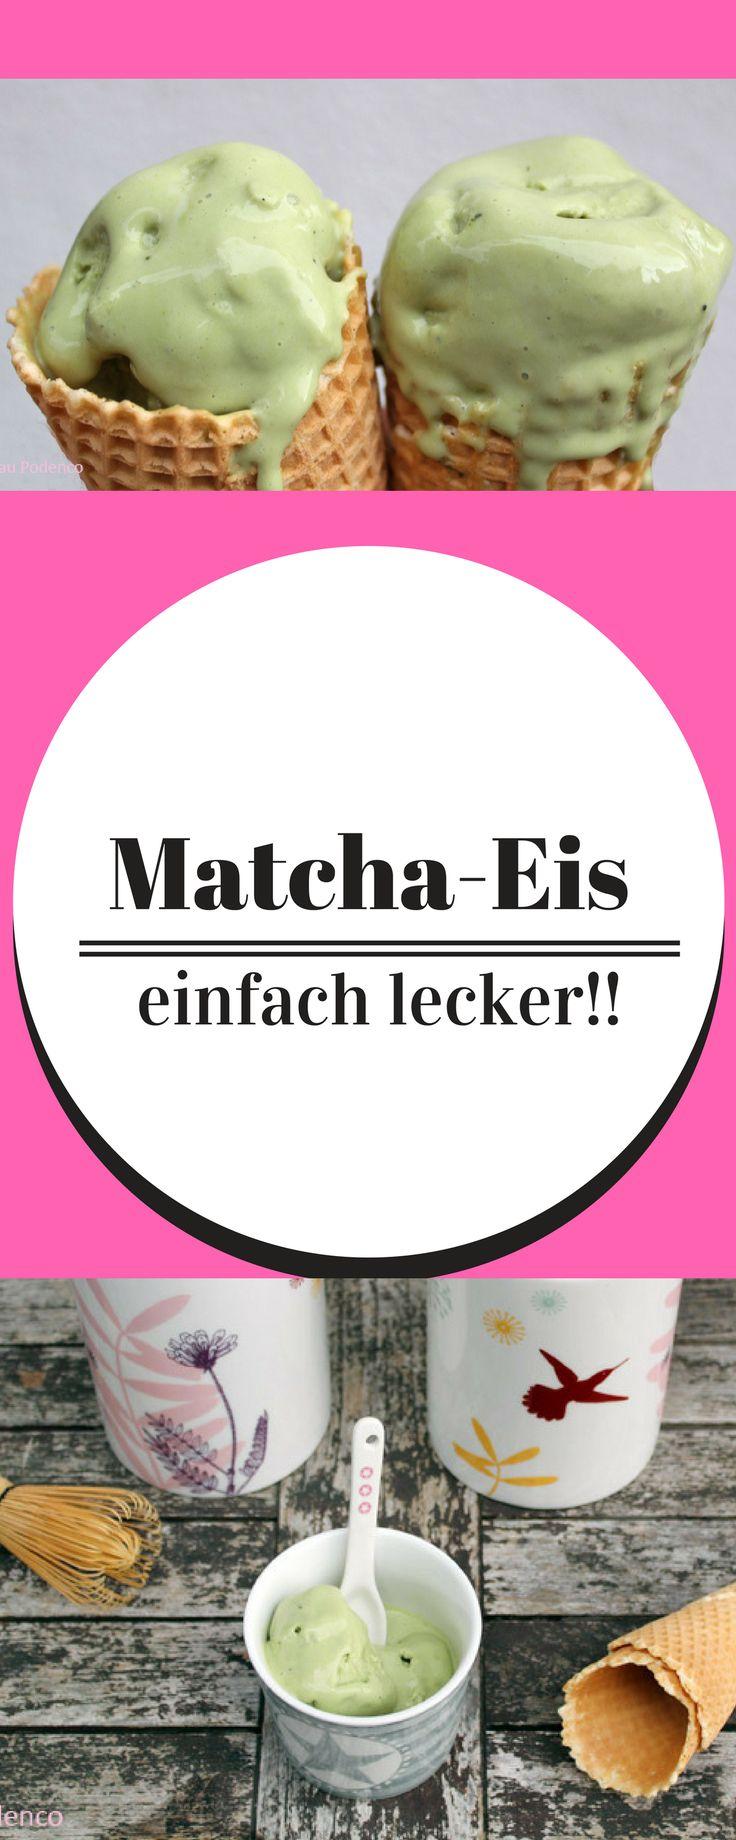 Matcha-Eis ist ein super leckeres Eis, das dazu noch sehr schnell und einfach selbst gemacht ist.  Eis selber machen| Eis ohne Eismaschine | Eis Rezept | Grüner Tee Eis | Matchapulver